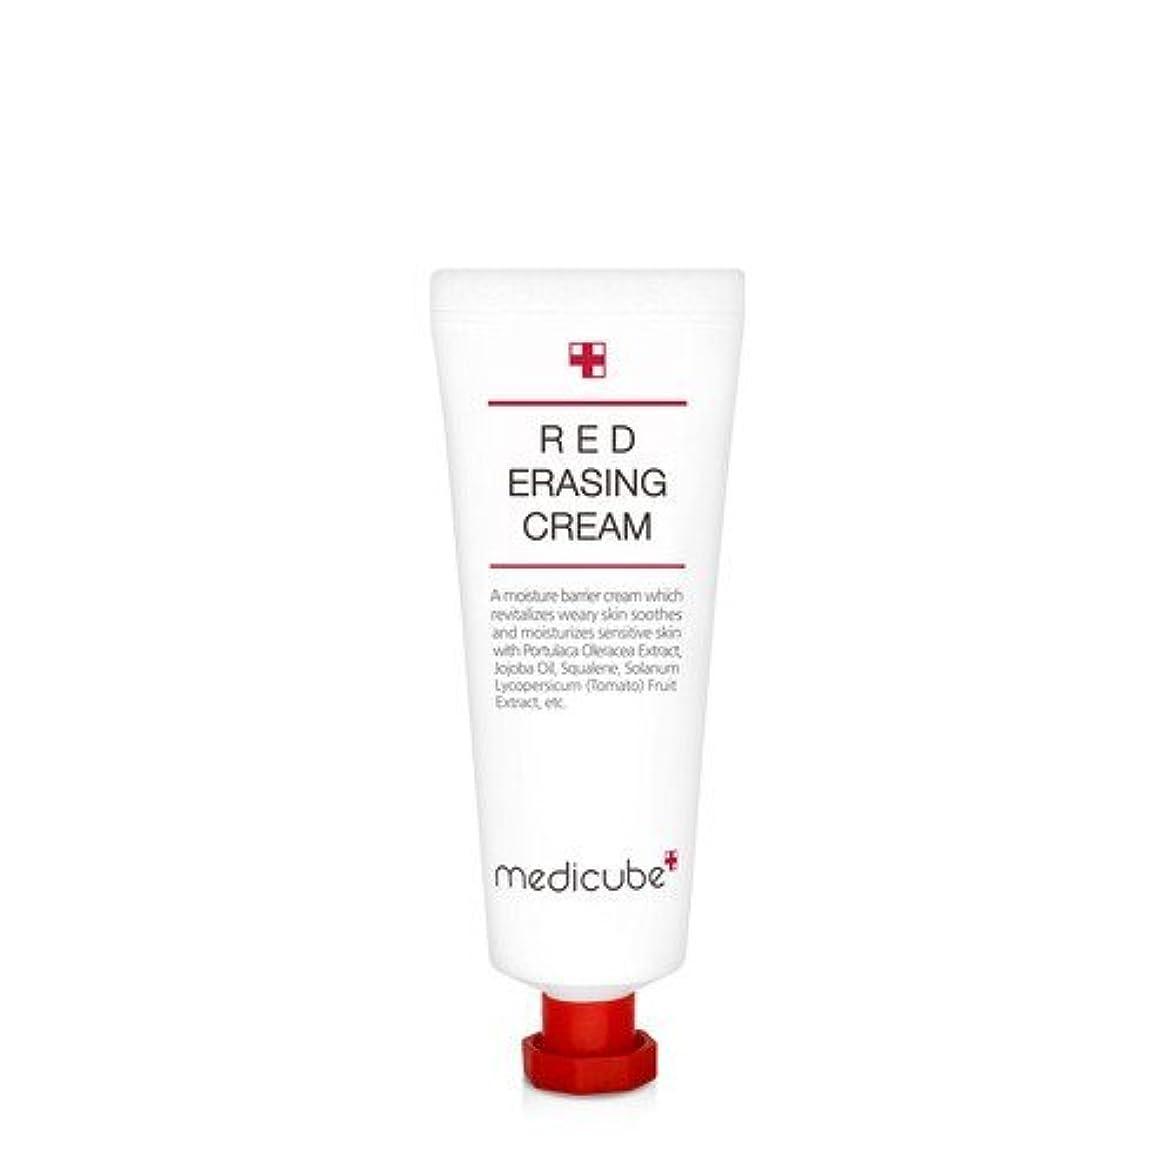 絵違法に向けて出発[Medicube]Red Erasing Cream 50g / メディキューブレッドイレイジングクリーム / 正品?海外直送商品 [並行輸入品]